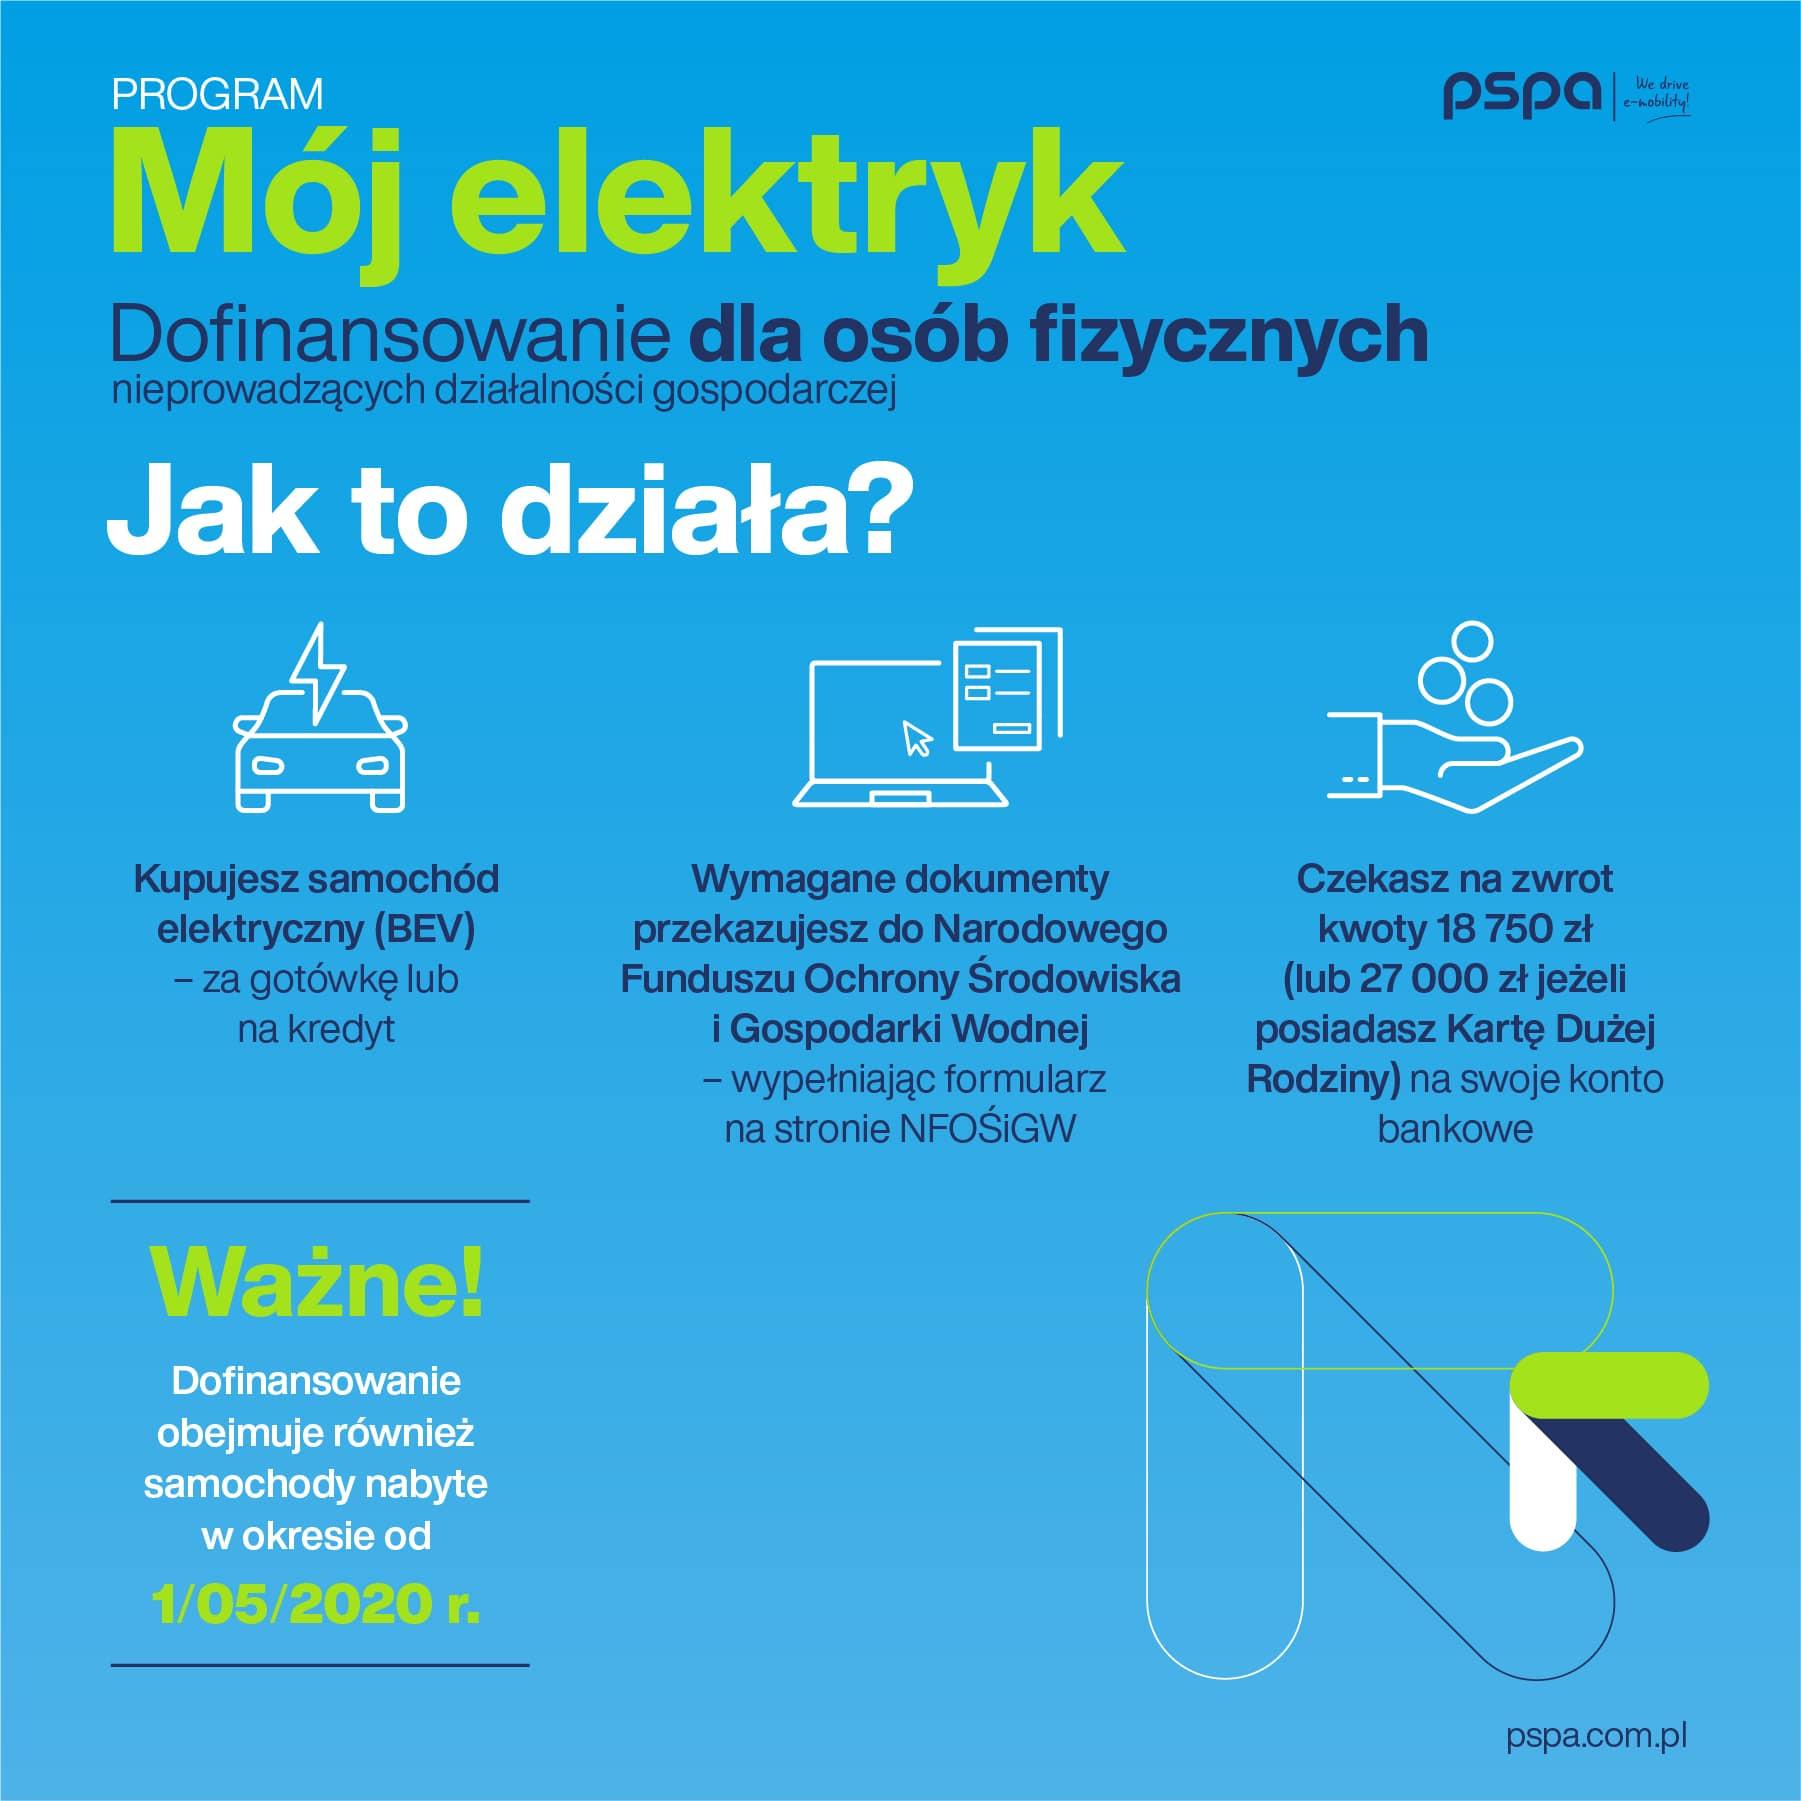 pspa_doplaty_moj_elektryk_grafika_1080x1080px_03